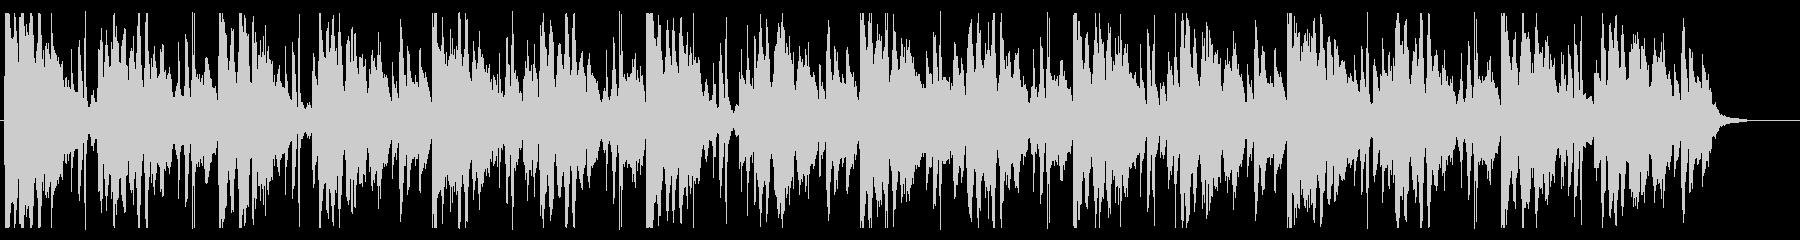 海/生演奏/R&B_No607_4の未再生の波形